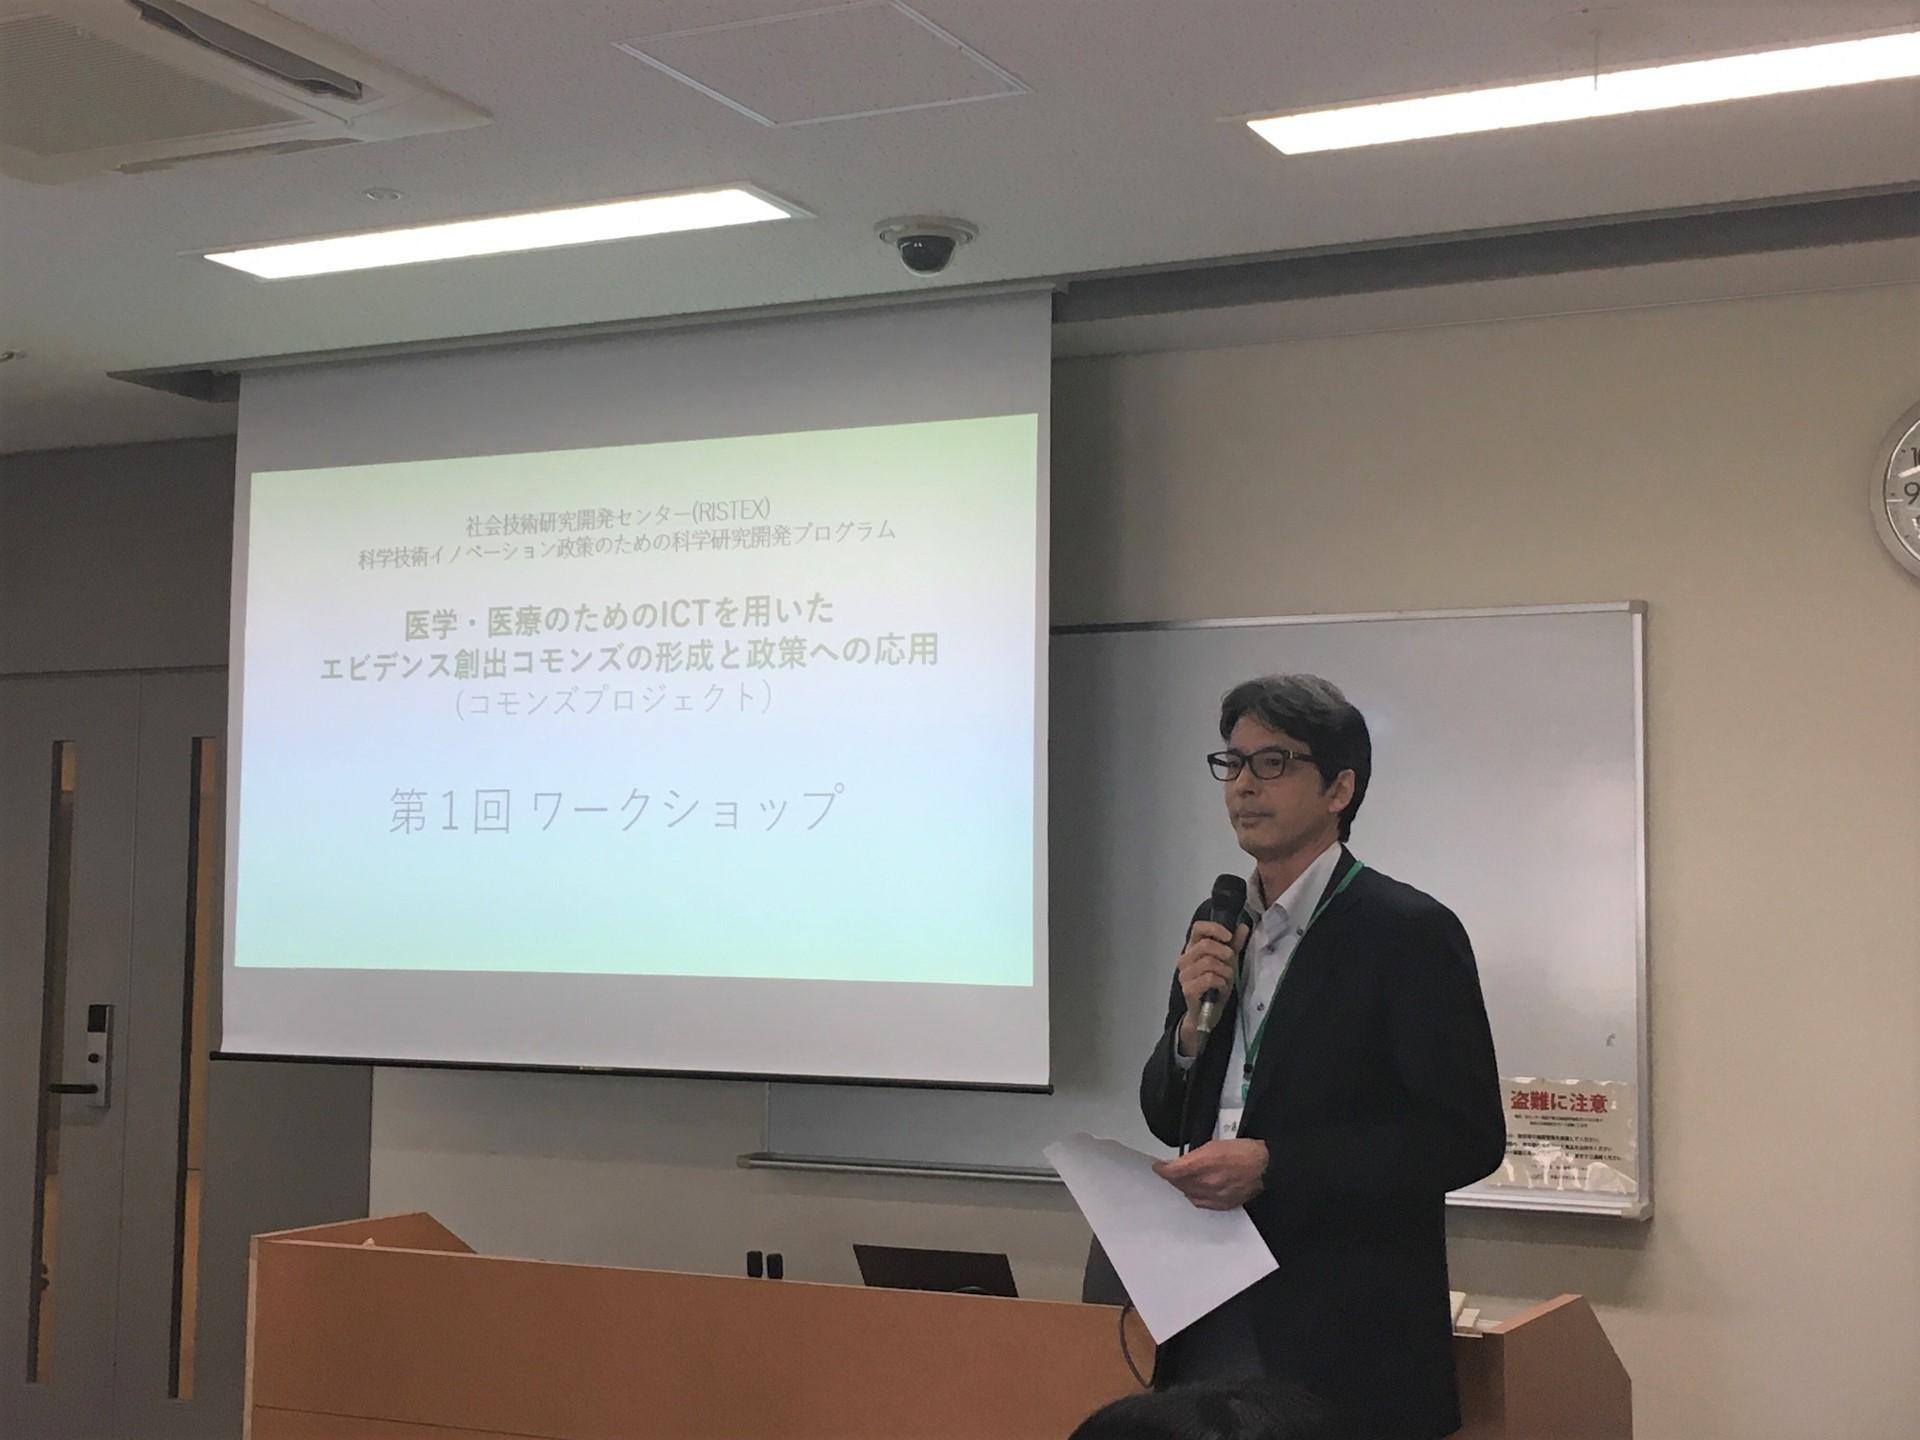 医学・医療政策(コモンズプロジェクト)第1回ワークショップへ参加